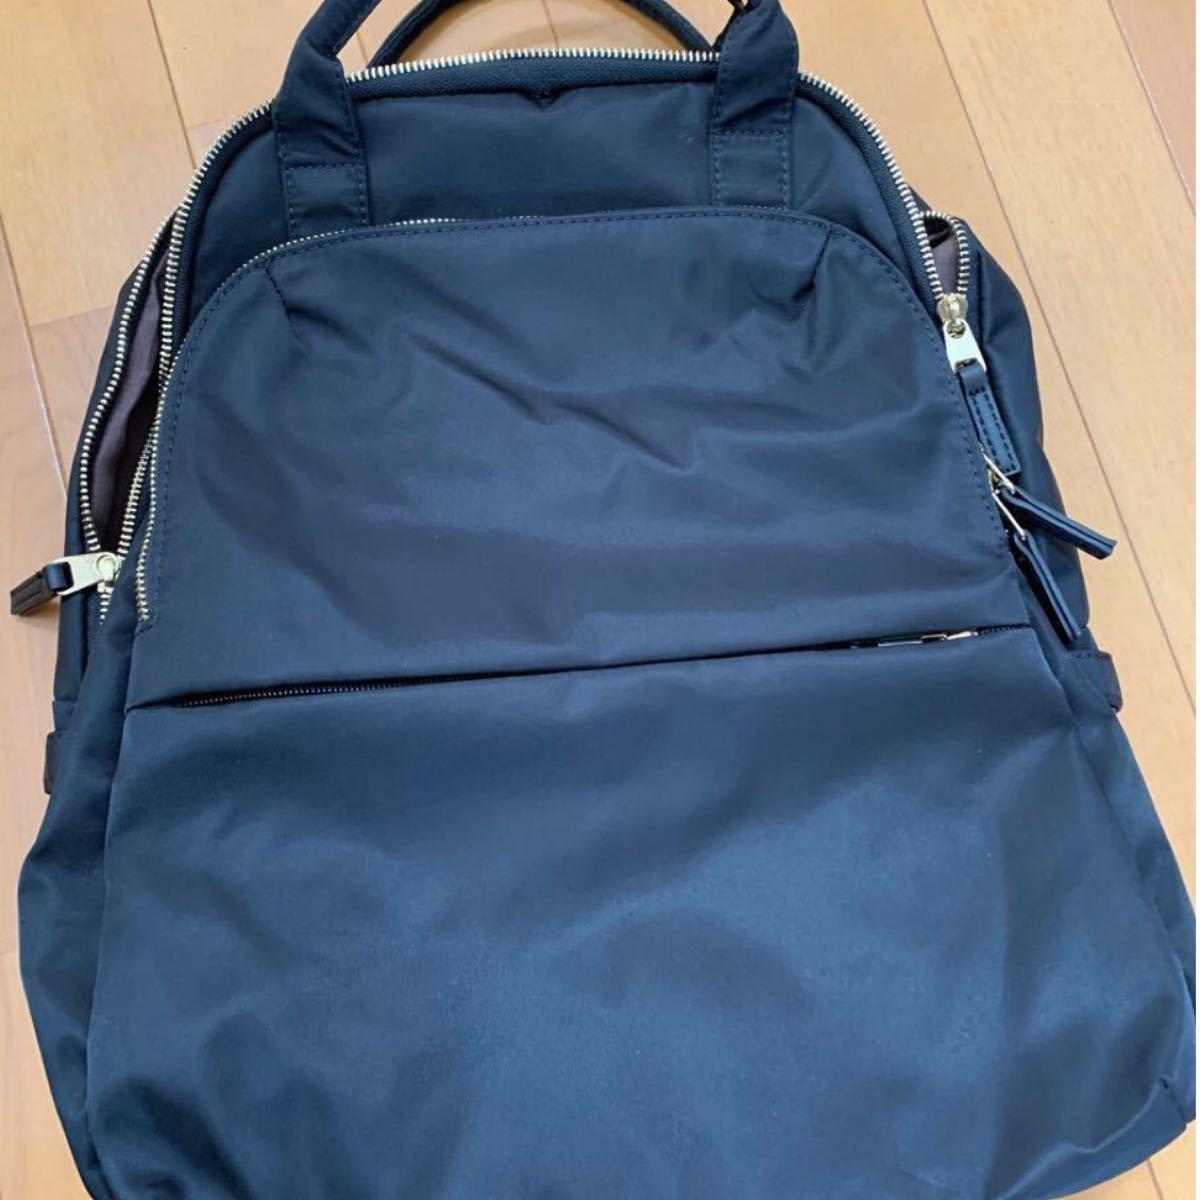 リュック リュックサック レディース マザーズバッグ  a4 大容量 軽量 通勤 旅行 ブラック